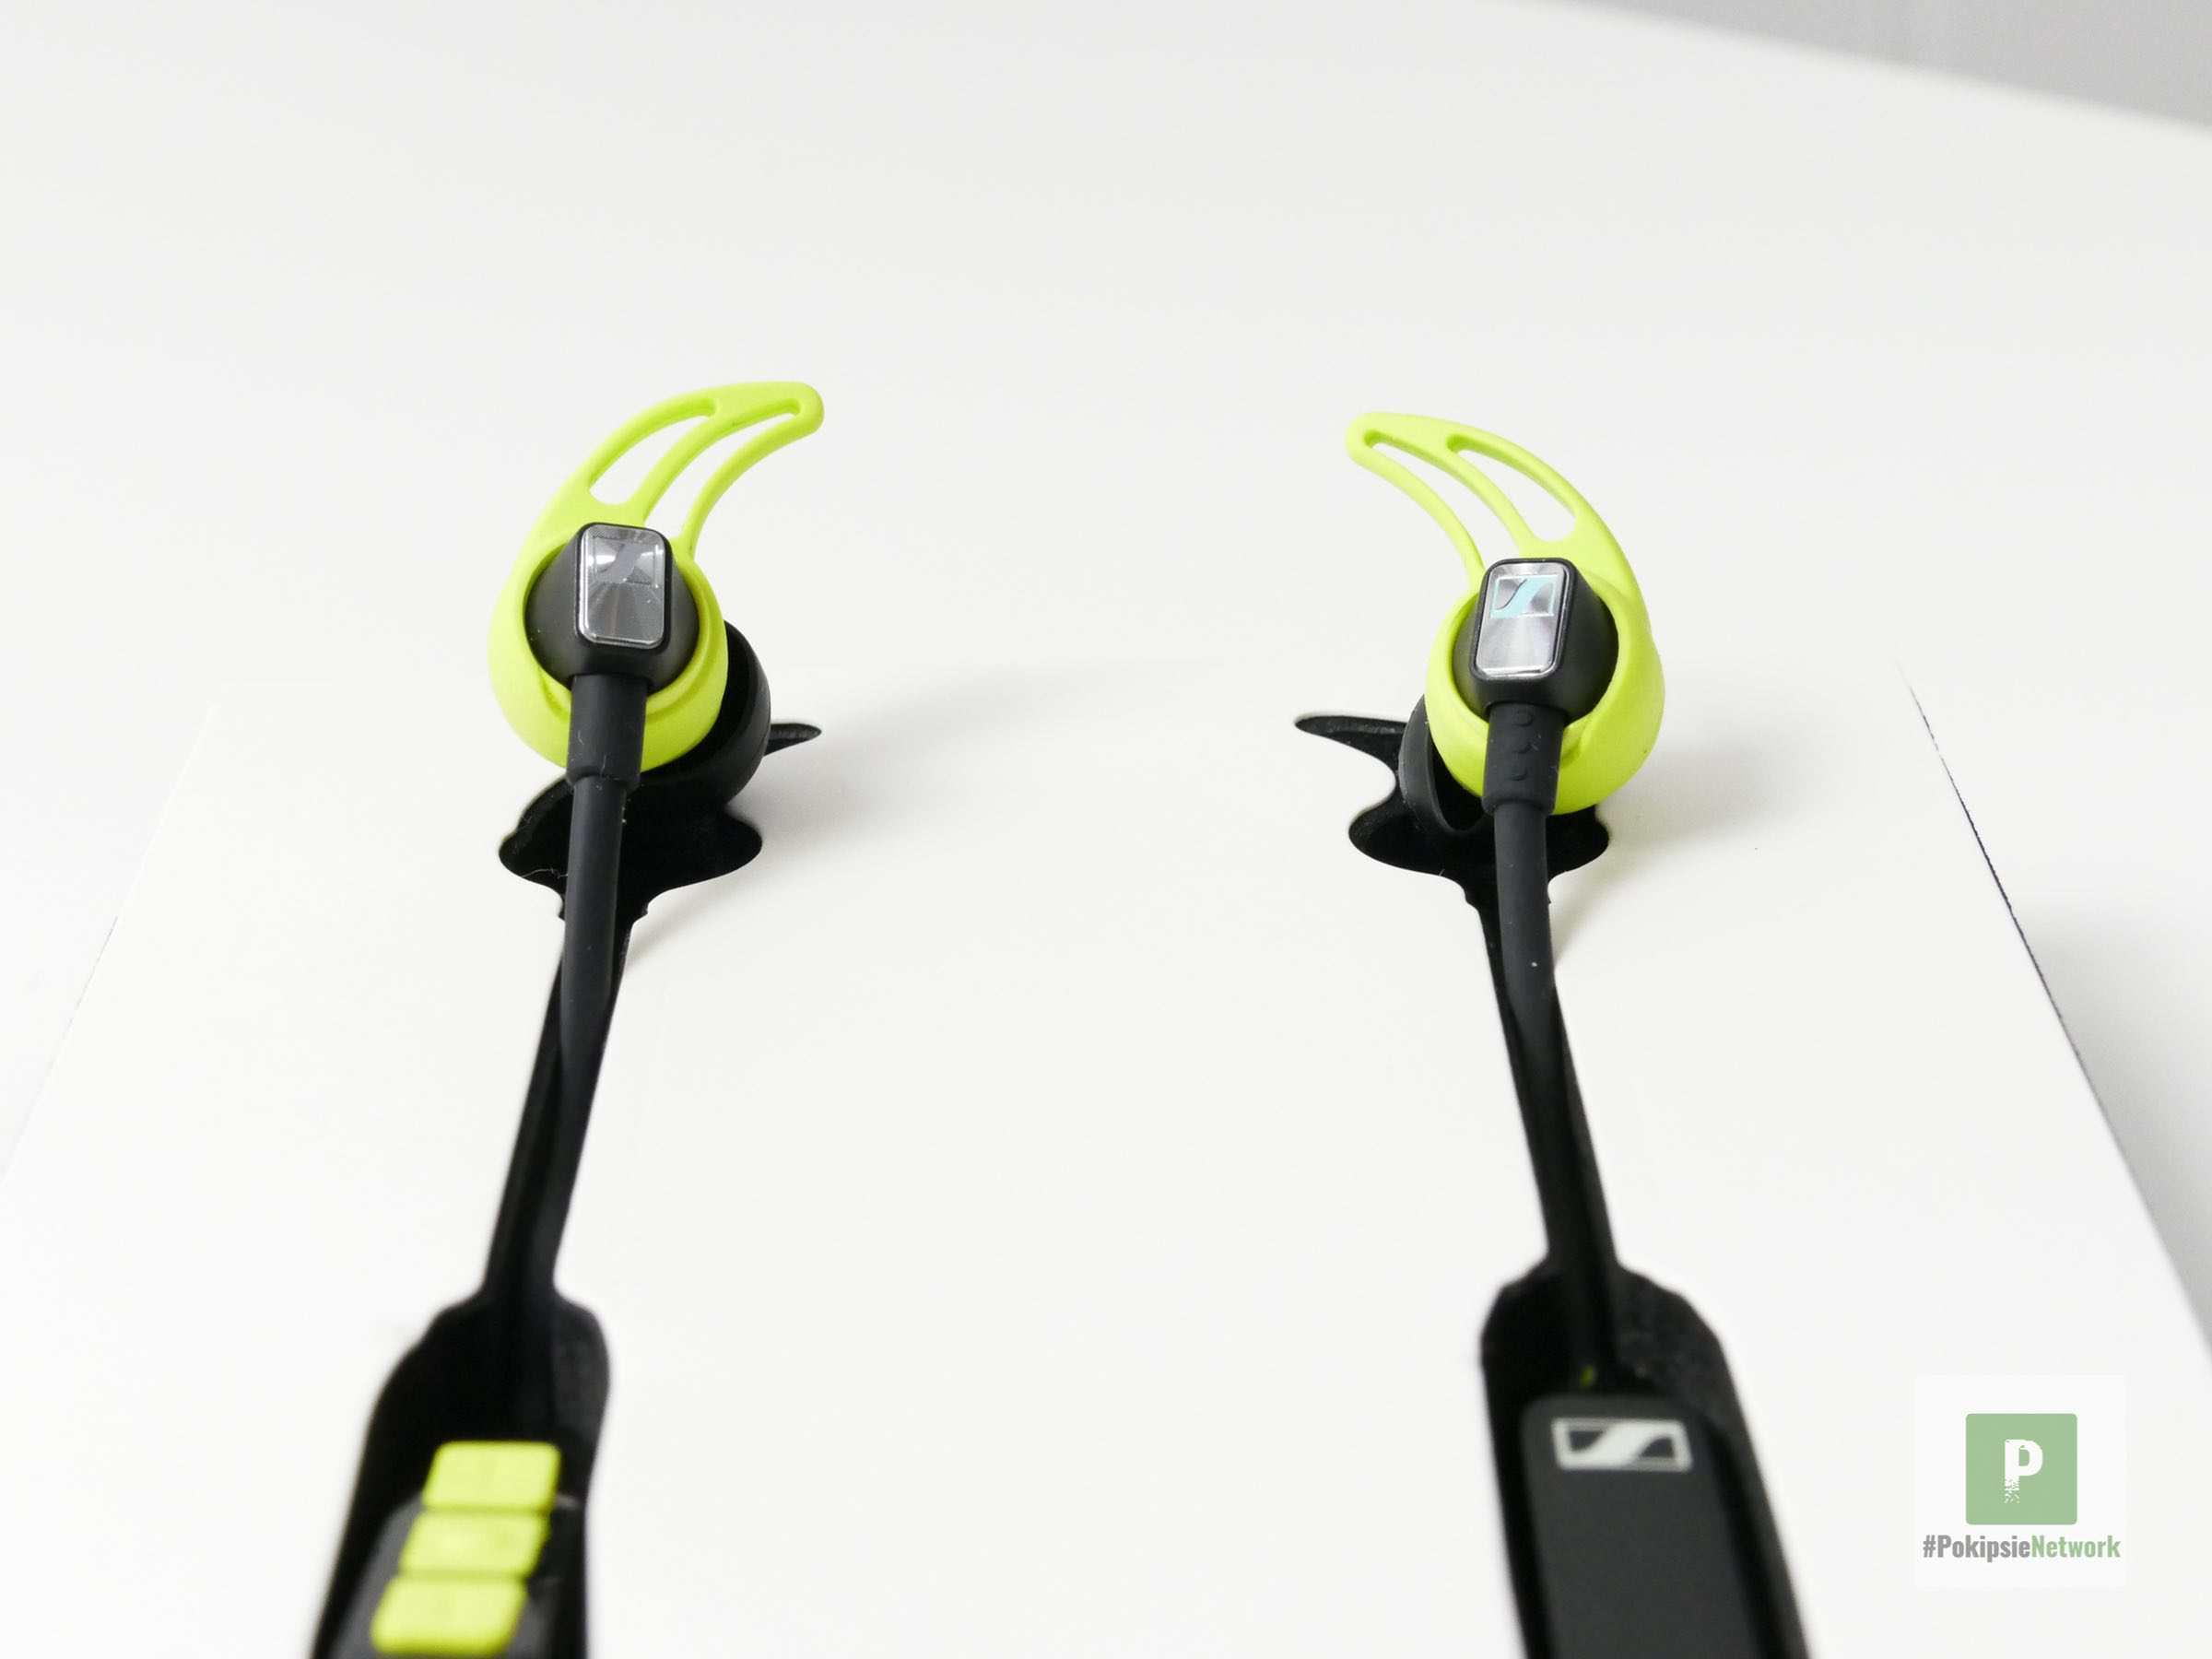 Die beiden In-Ear Kopfhörer